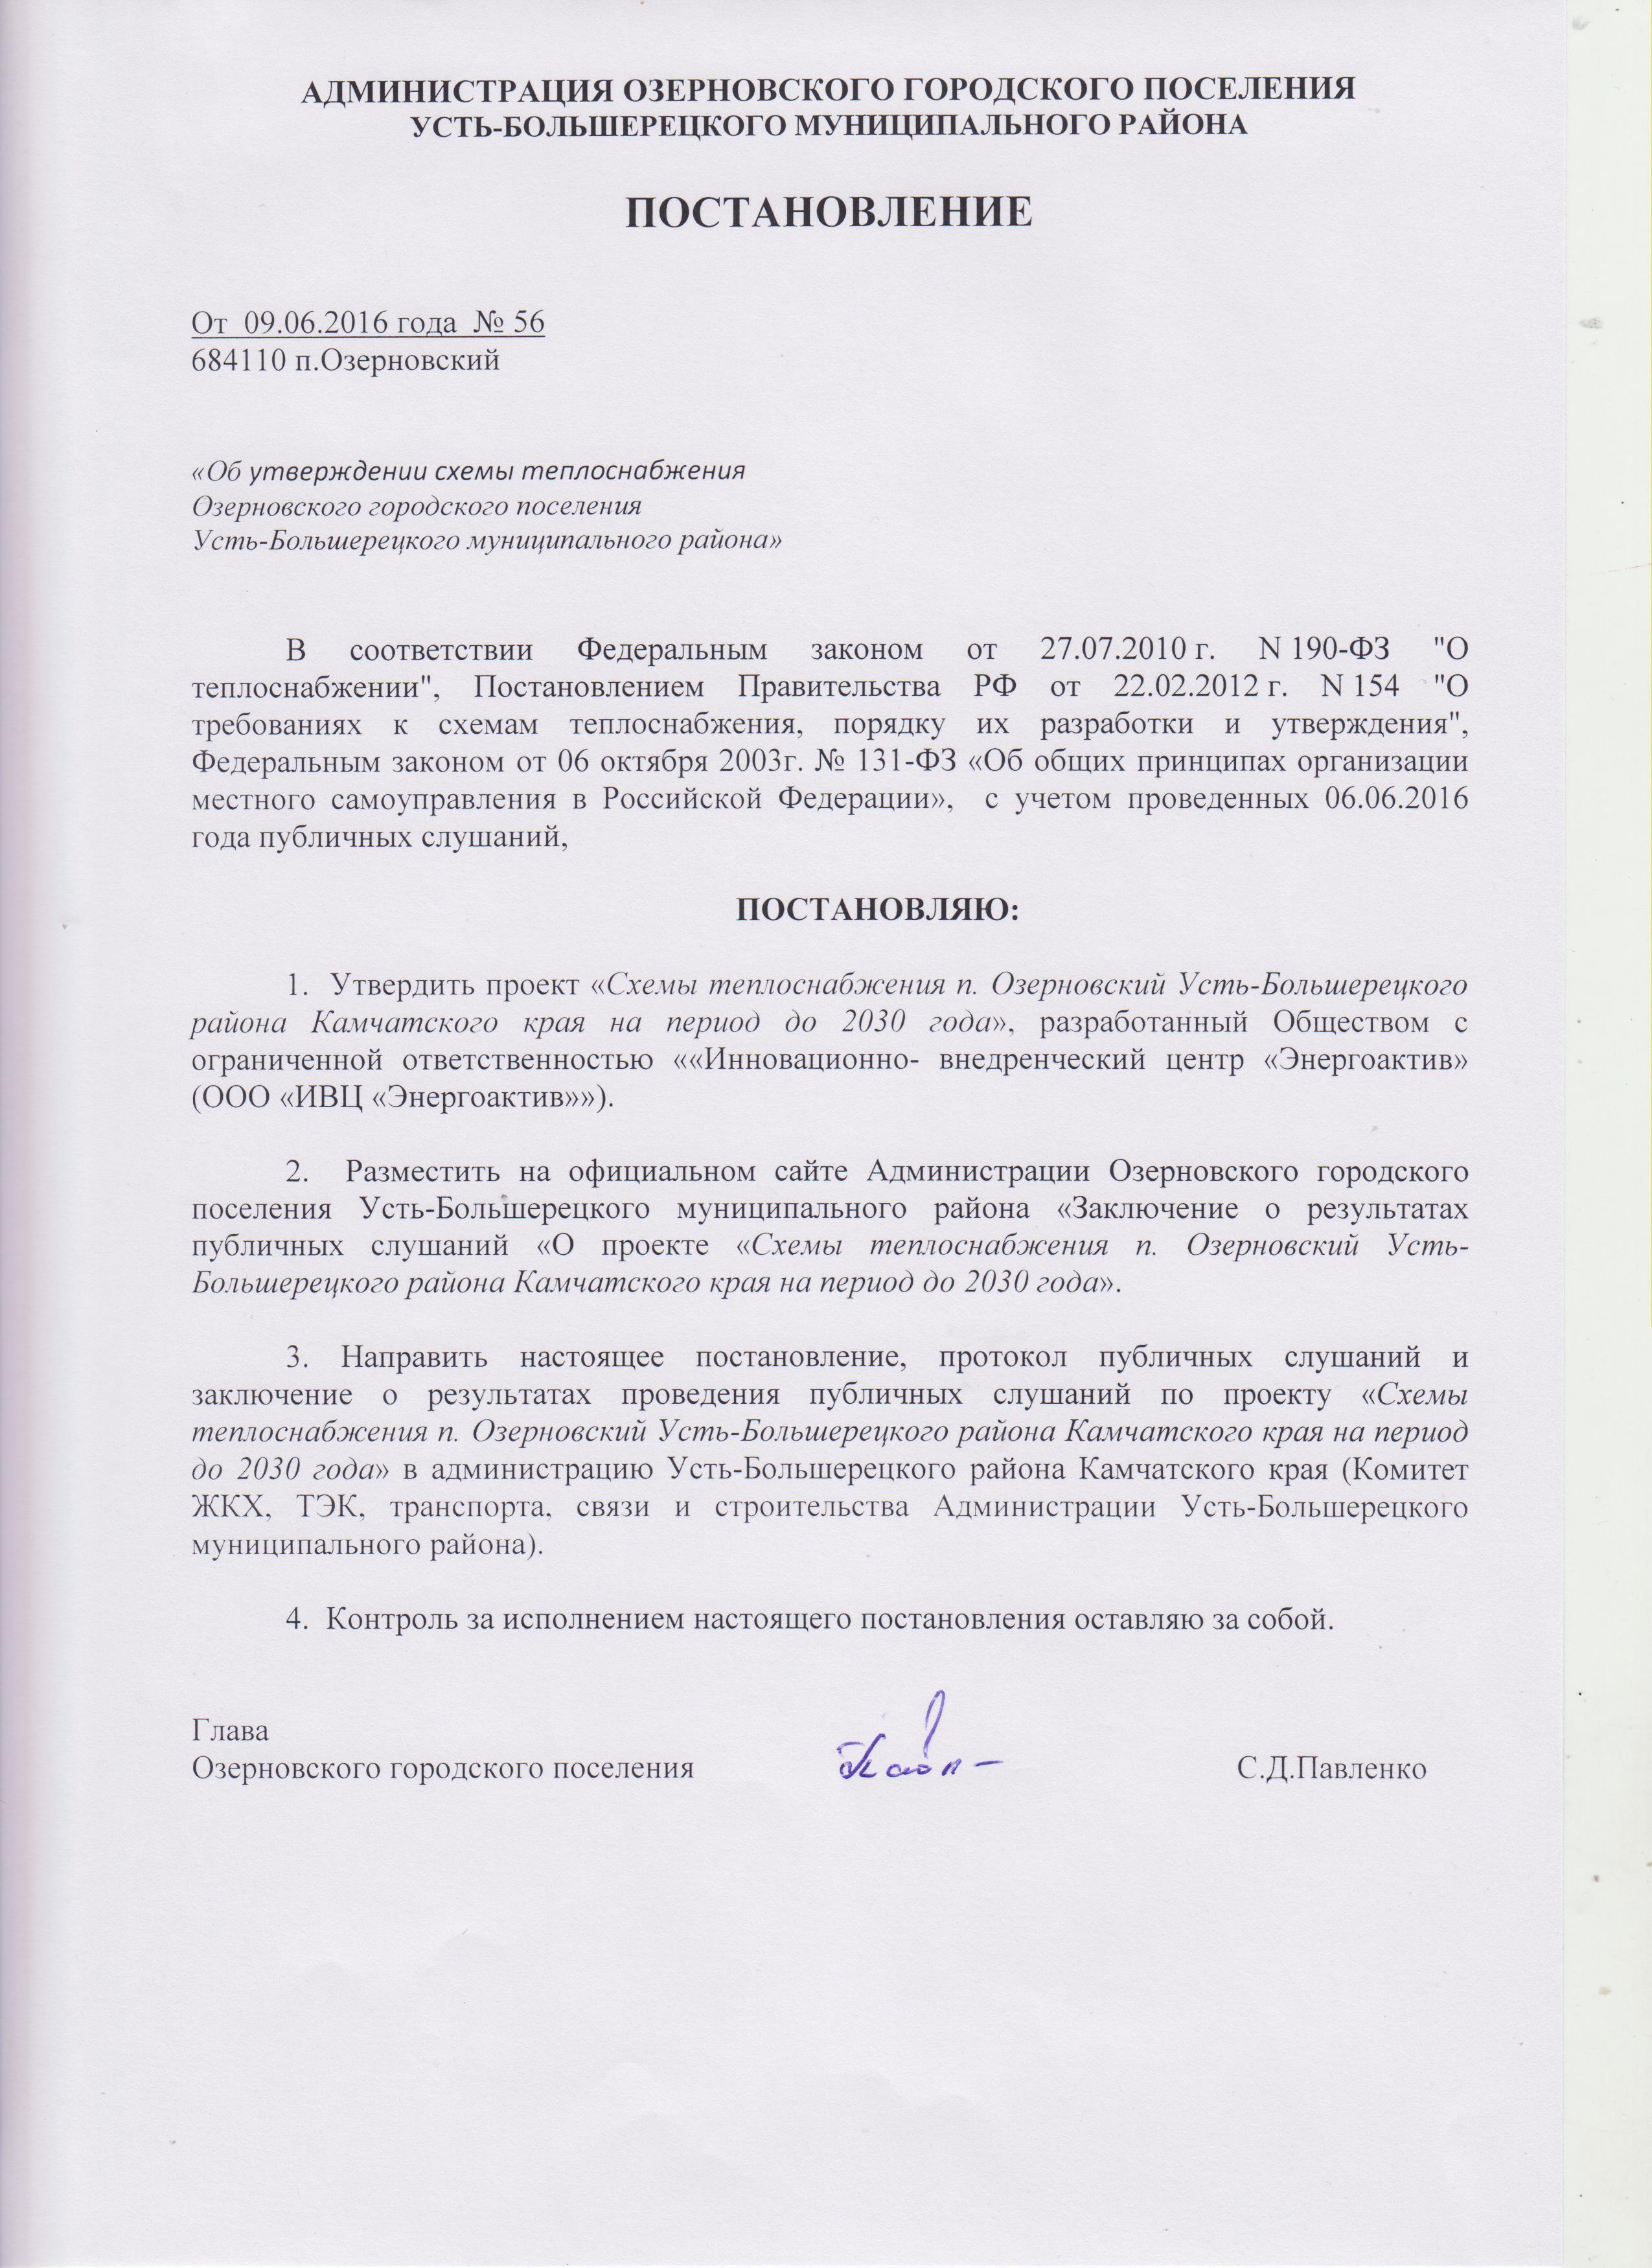 Постановление об утверждении схем теплоснабжения поселения